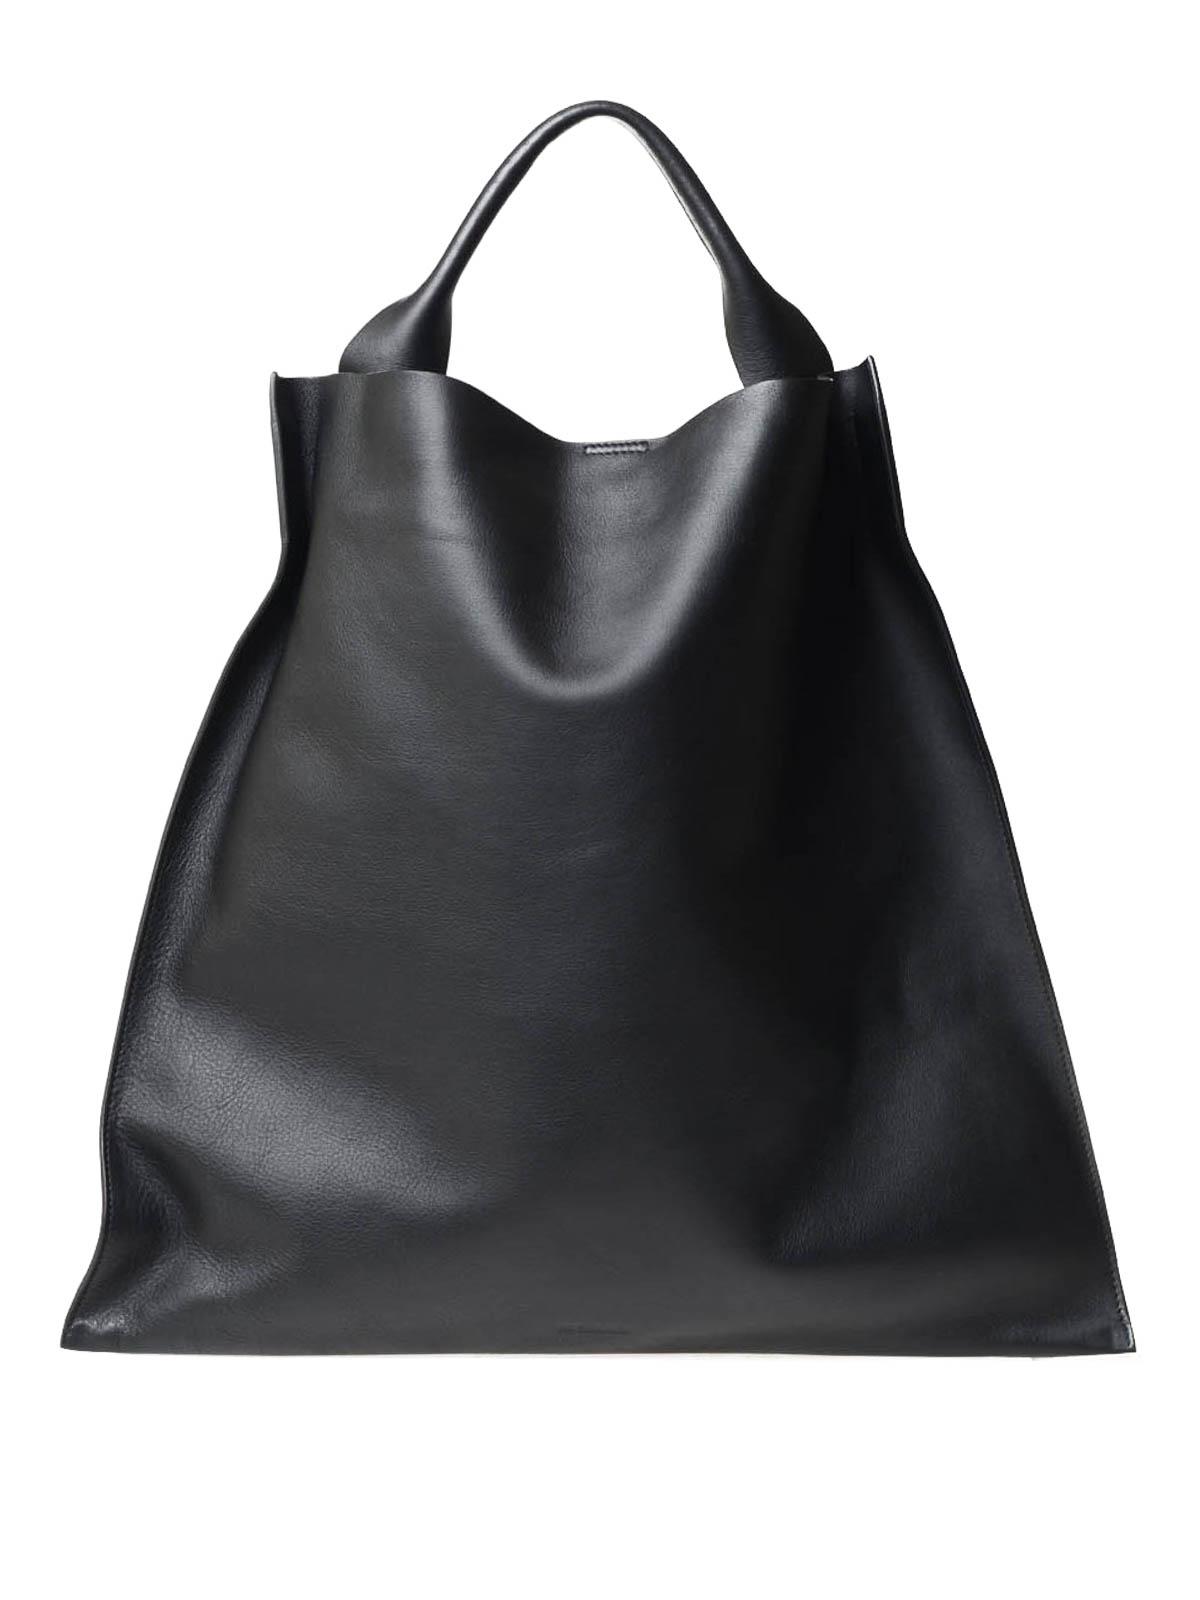 b2920508ac54 Jil Sander - Xiao handbag - totes bags - JSPH850041 WHB00005 001